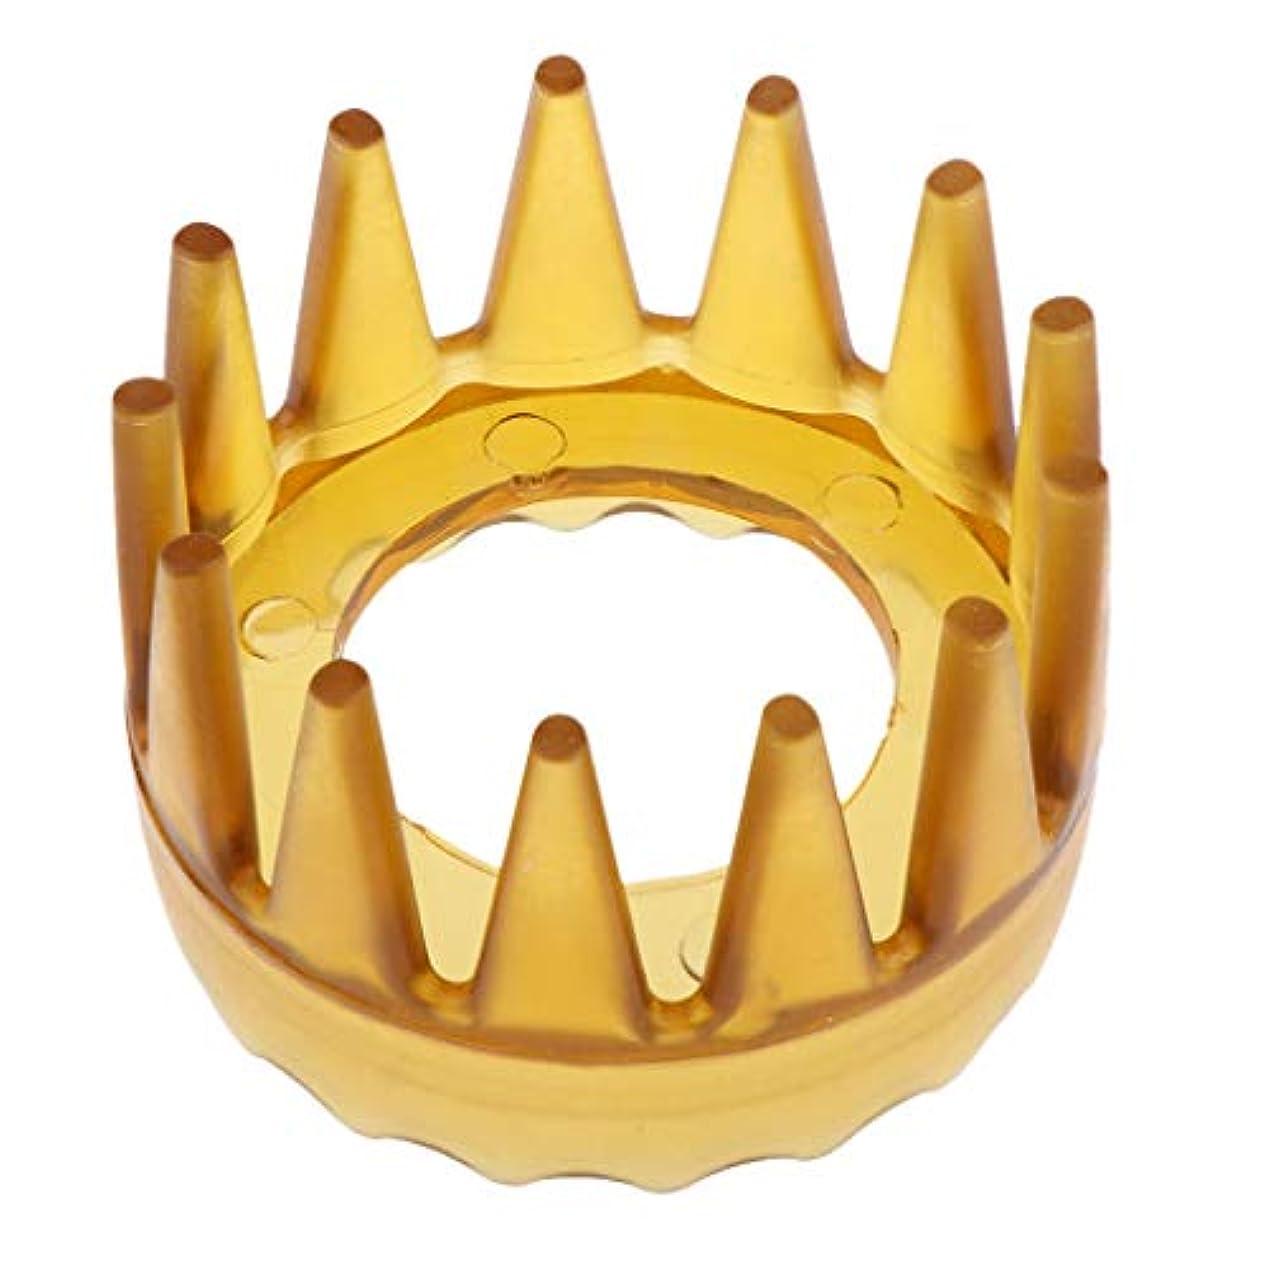 ヨーロッパ印象的な存在するB Baosity シャンプーブラシ 洗髪櫛 マッサージャー ヘアコーム ヘアブラシ 4色選べ - 黄